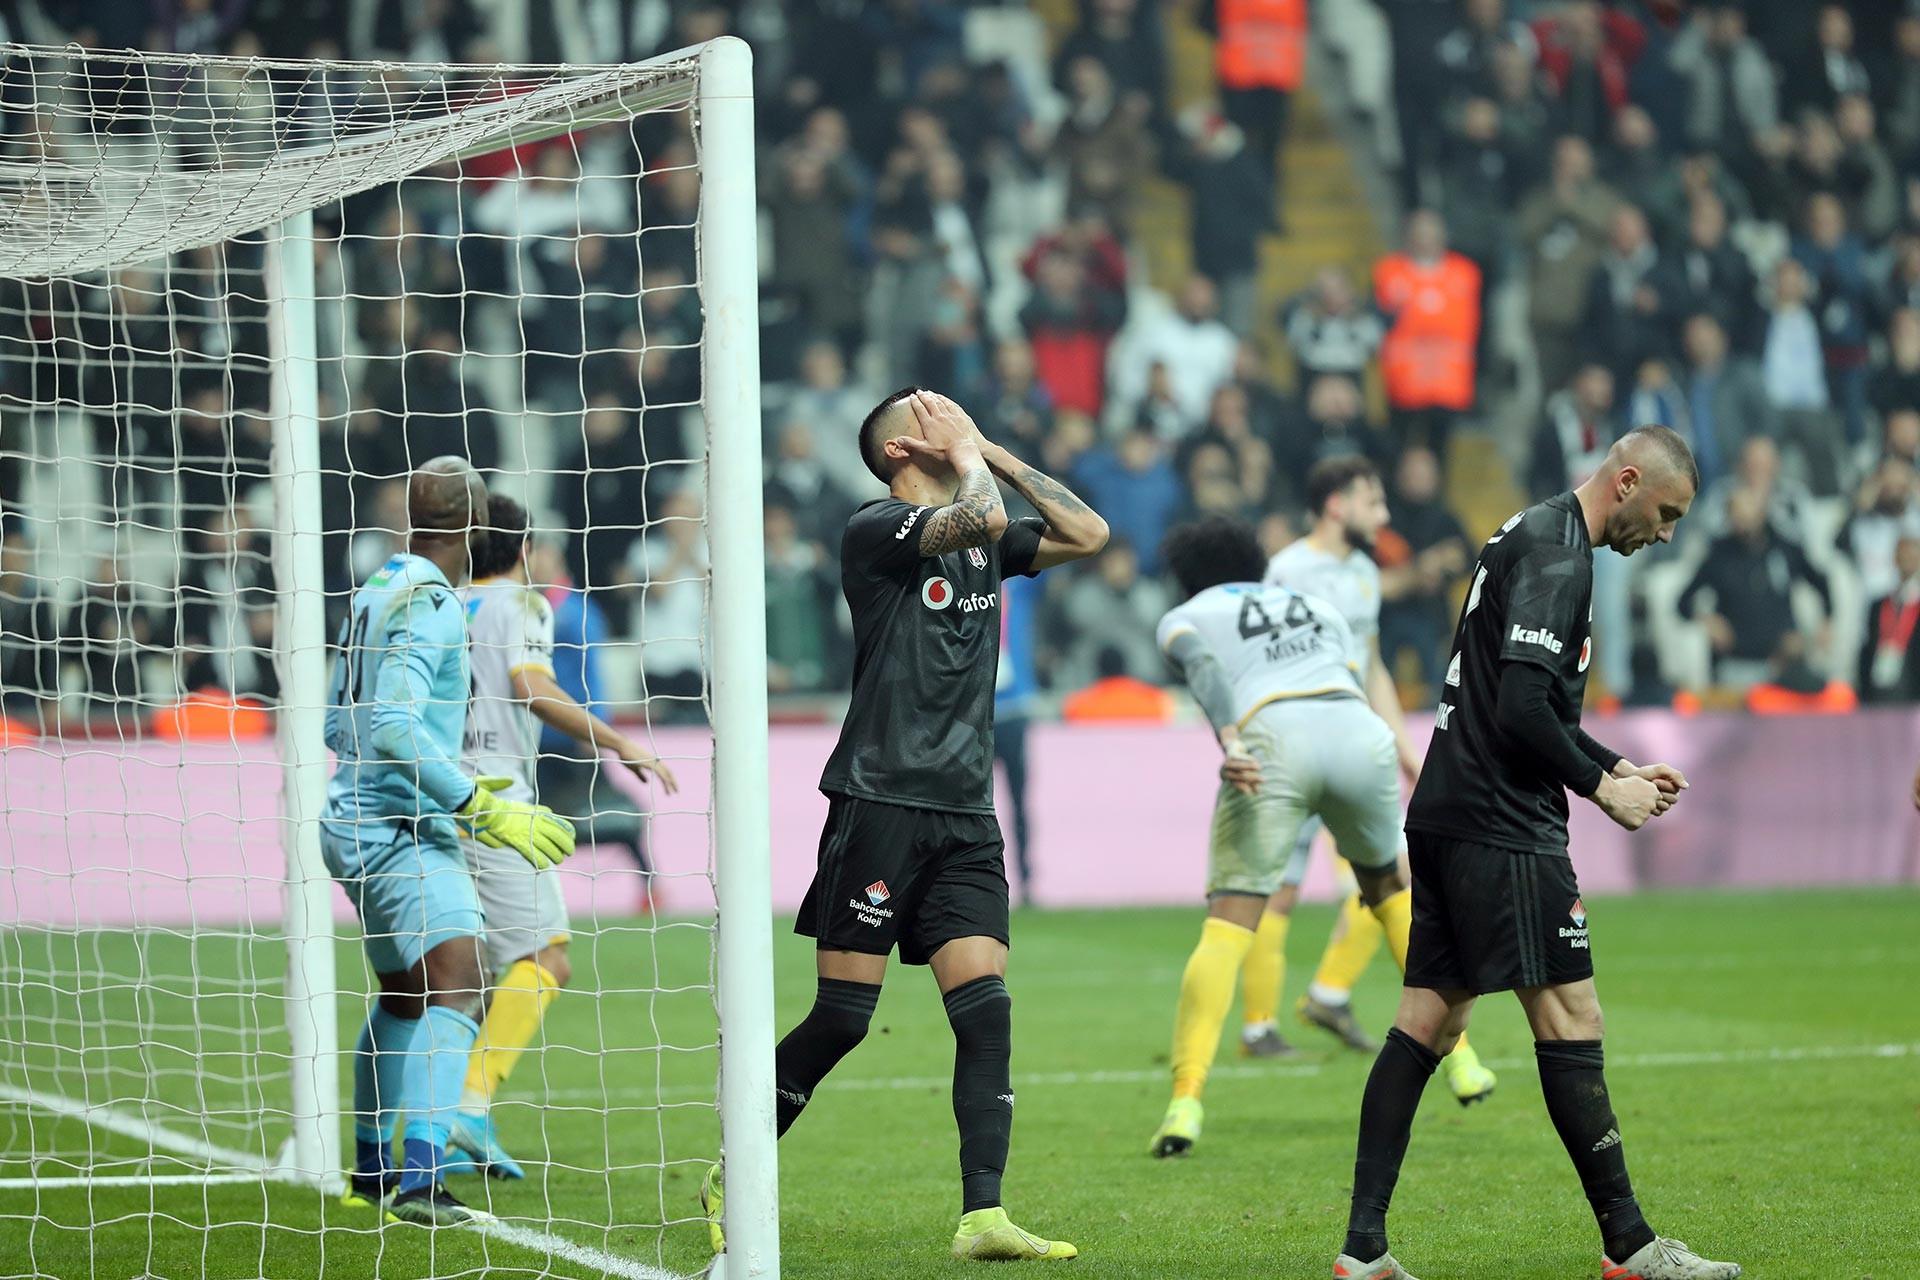 Beşiktaş - Yeni Malatyaspor maçında gol pozisyonundan yararlanamayan Enzo Roco ve Burak Yılmaz üzülürken